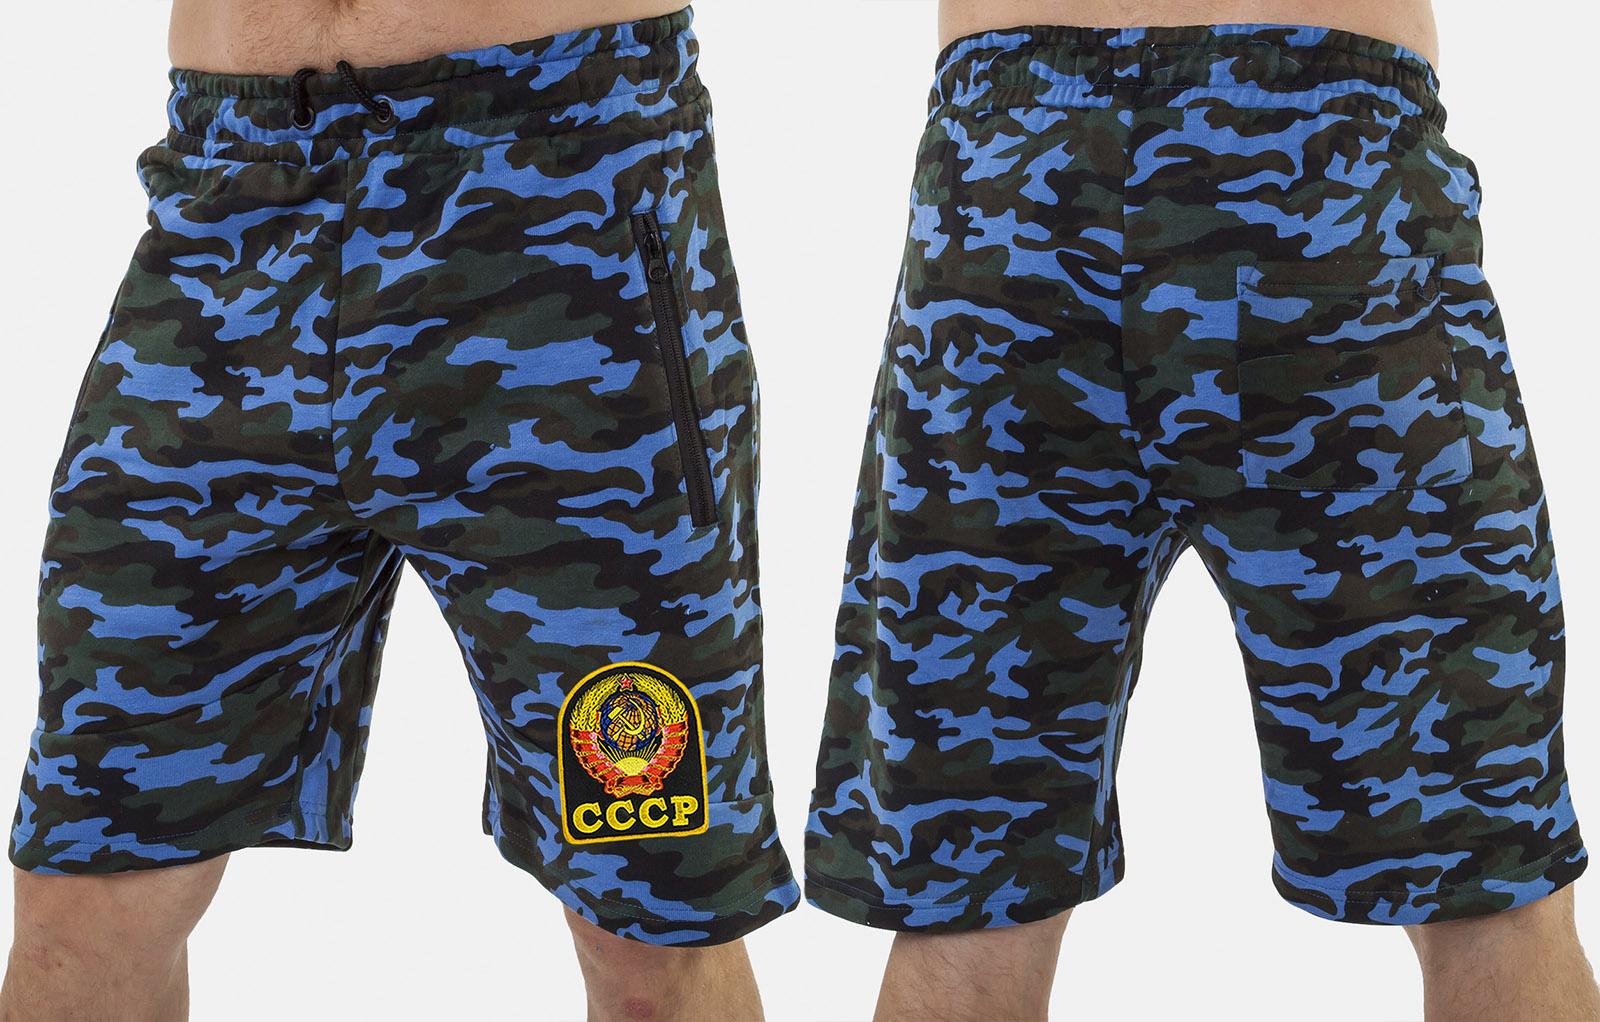 Удлиненные мужские шорты с нашивкой СССР - купить по низкой цене